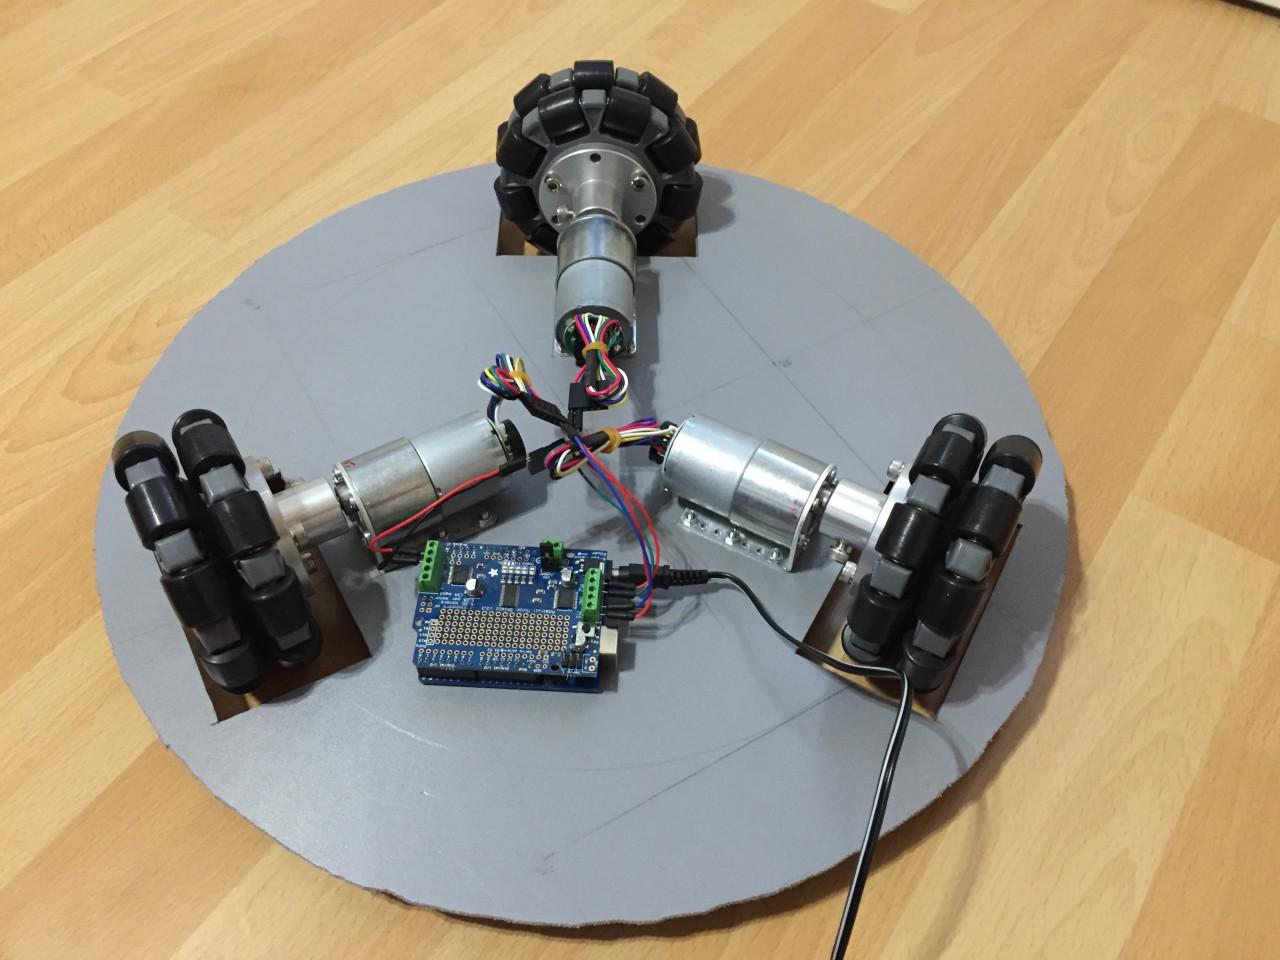 Der Arduino und das Adafruit Motor Shield V2 montiert auf dem Roboterprototyp